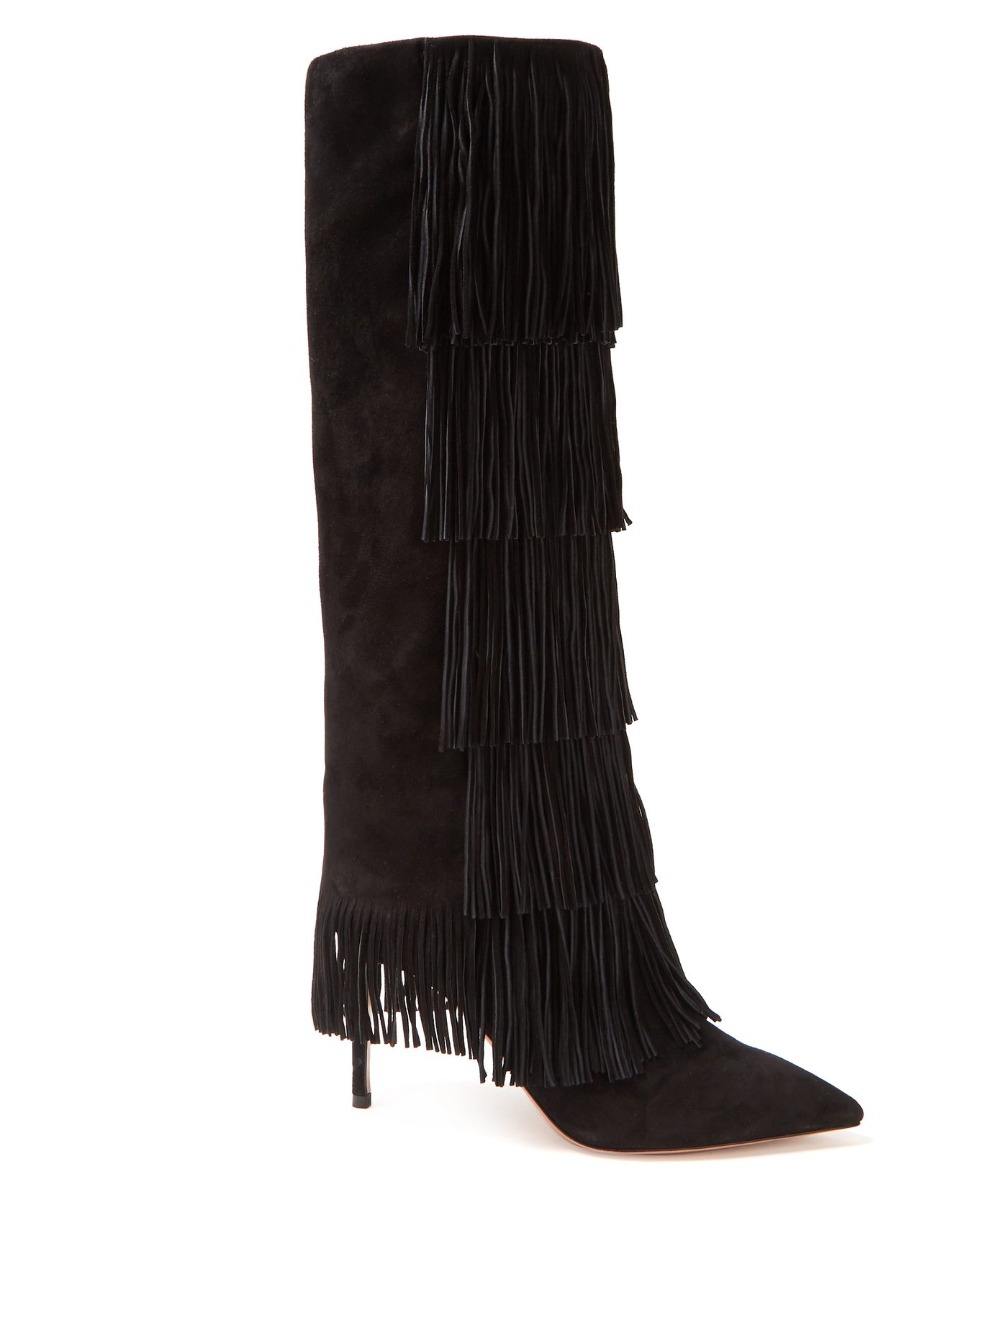 Черные сапоги с бахромой из флока, женские весенние высокие сапоги, высокие сапоги с острым носком, женские сапоги до колена на высоком кабл